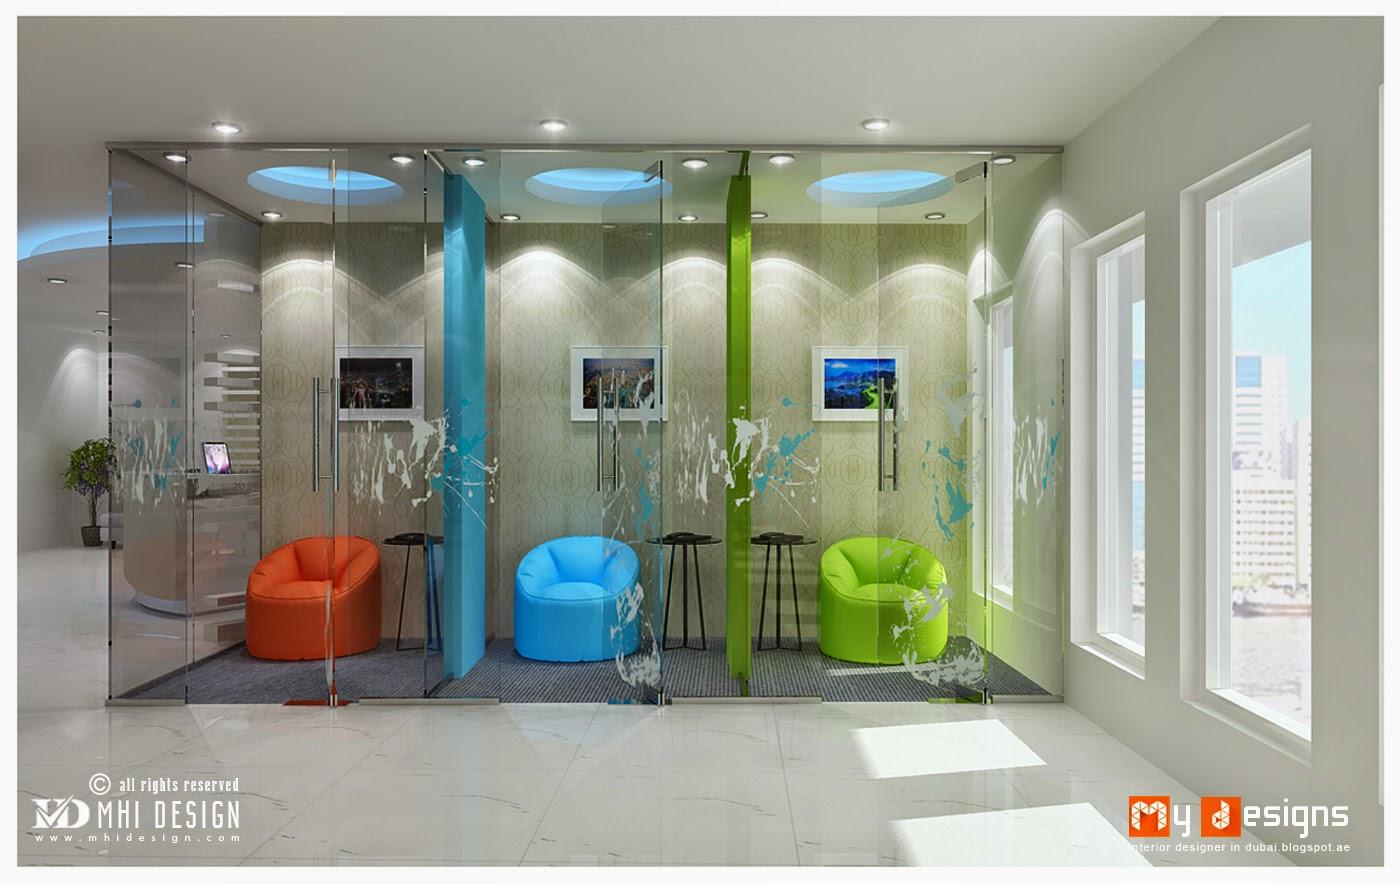 Dubai top interior design companies interior designer blog for Interior designs photo